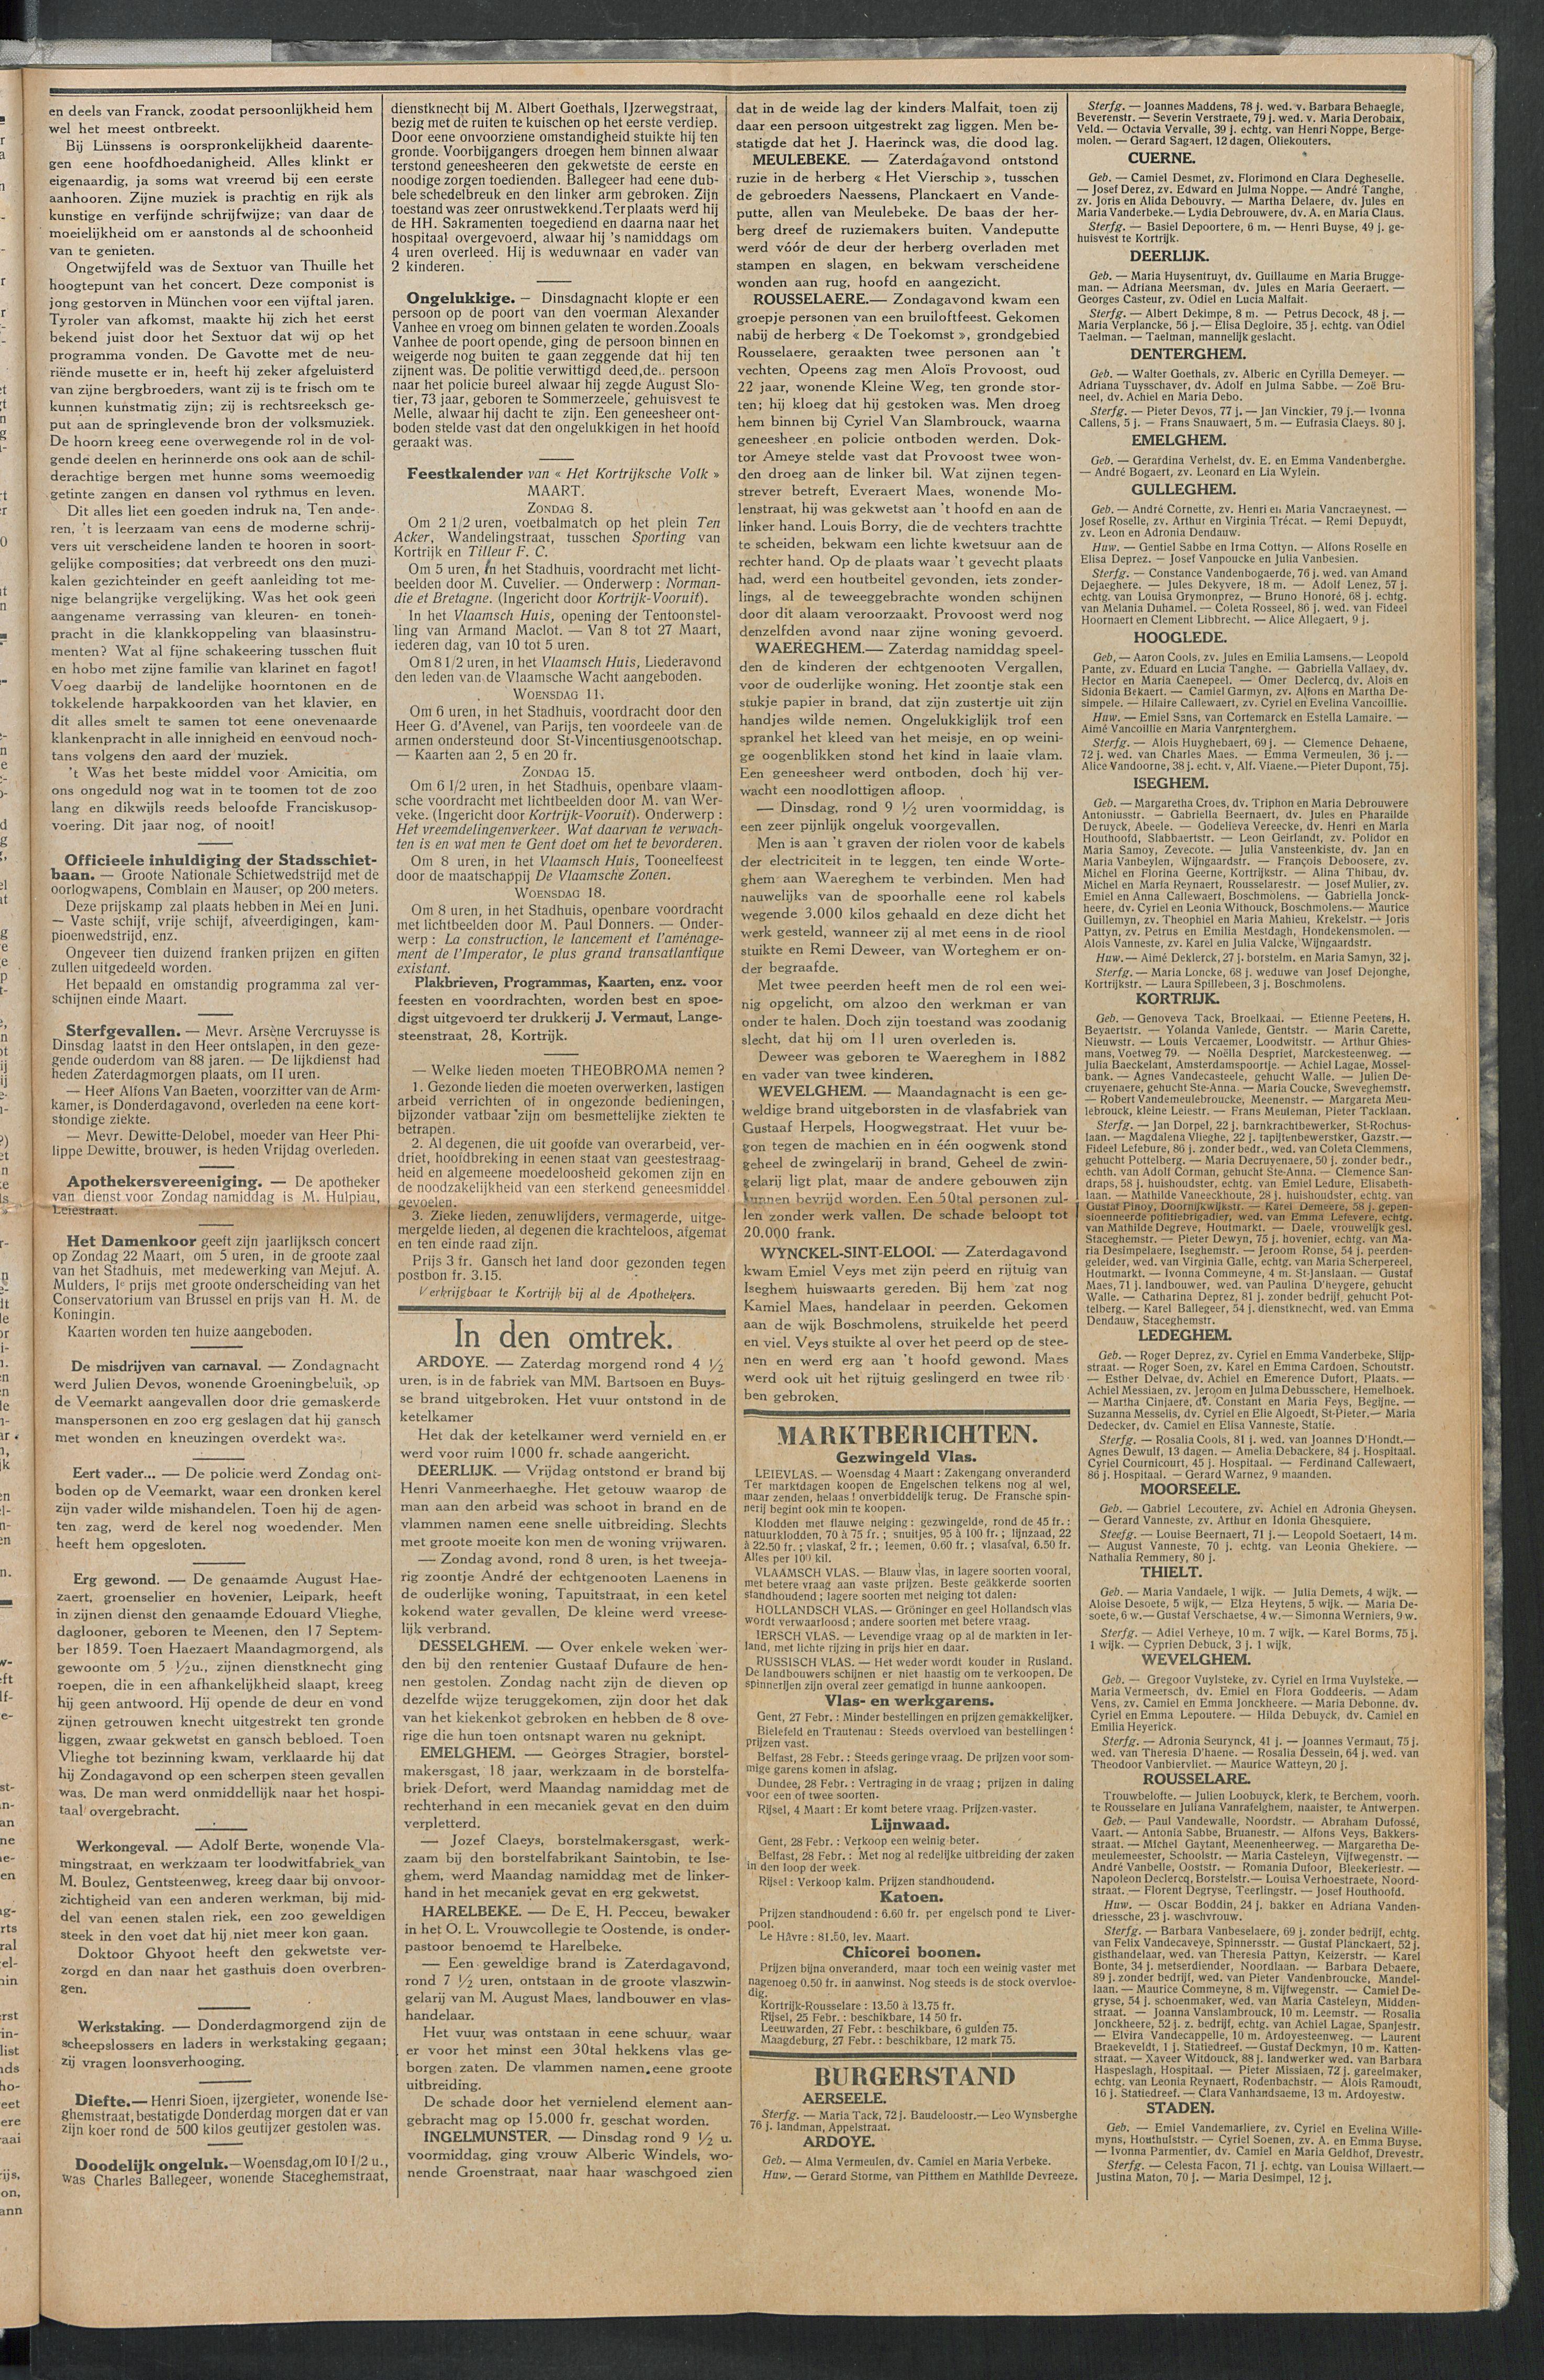 Het Kortrijksche Volk 1914-03-08 p3